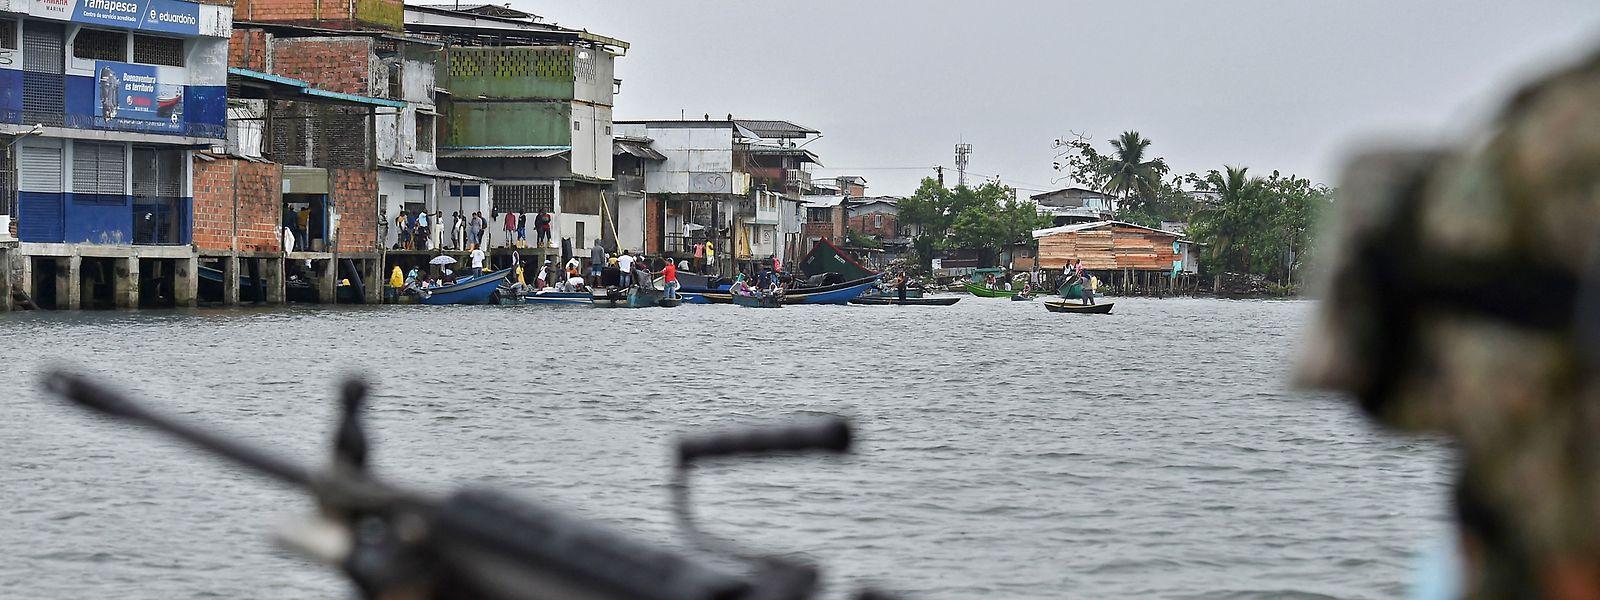 Um soldado da marinha colombiana patrulha ao largo da costa de Buenaventura, no departamento de Valle del Cauca, na Colômbia. Os gangues de tráfico de droga sucederam aos guerrilheiros da zona, e estenderam o seu domínio aos mangais, florestas de água que rodeiam Buenaventura.